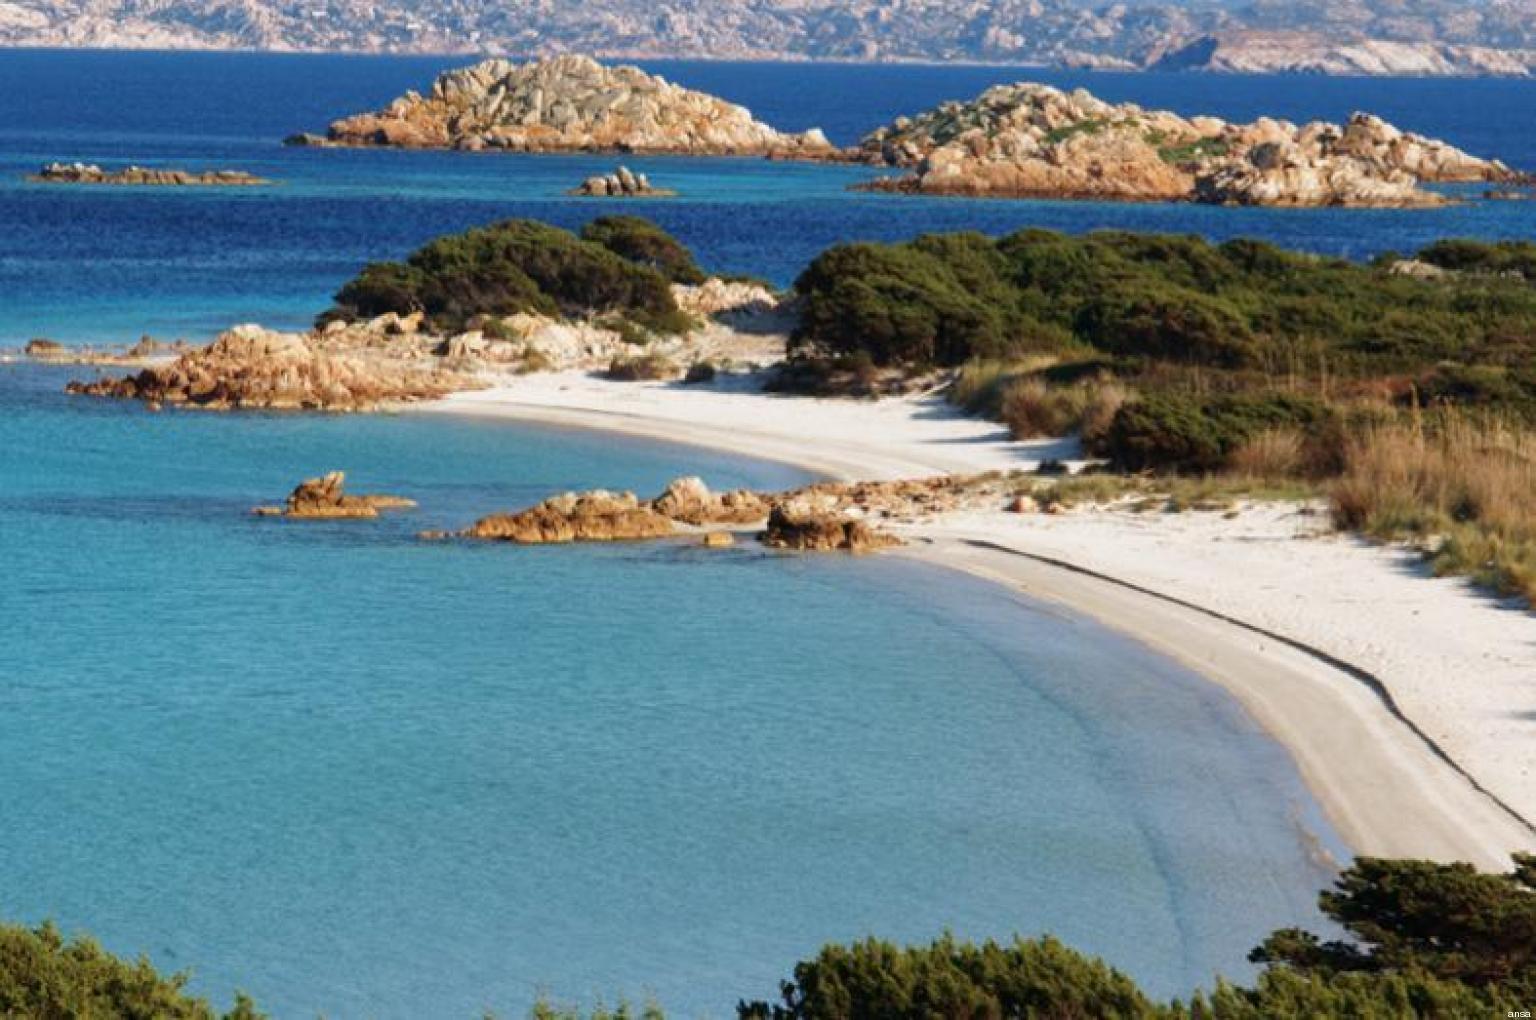 Sardegna la Spiaggia del Cavaliere a La Maddalena  in